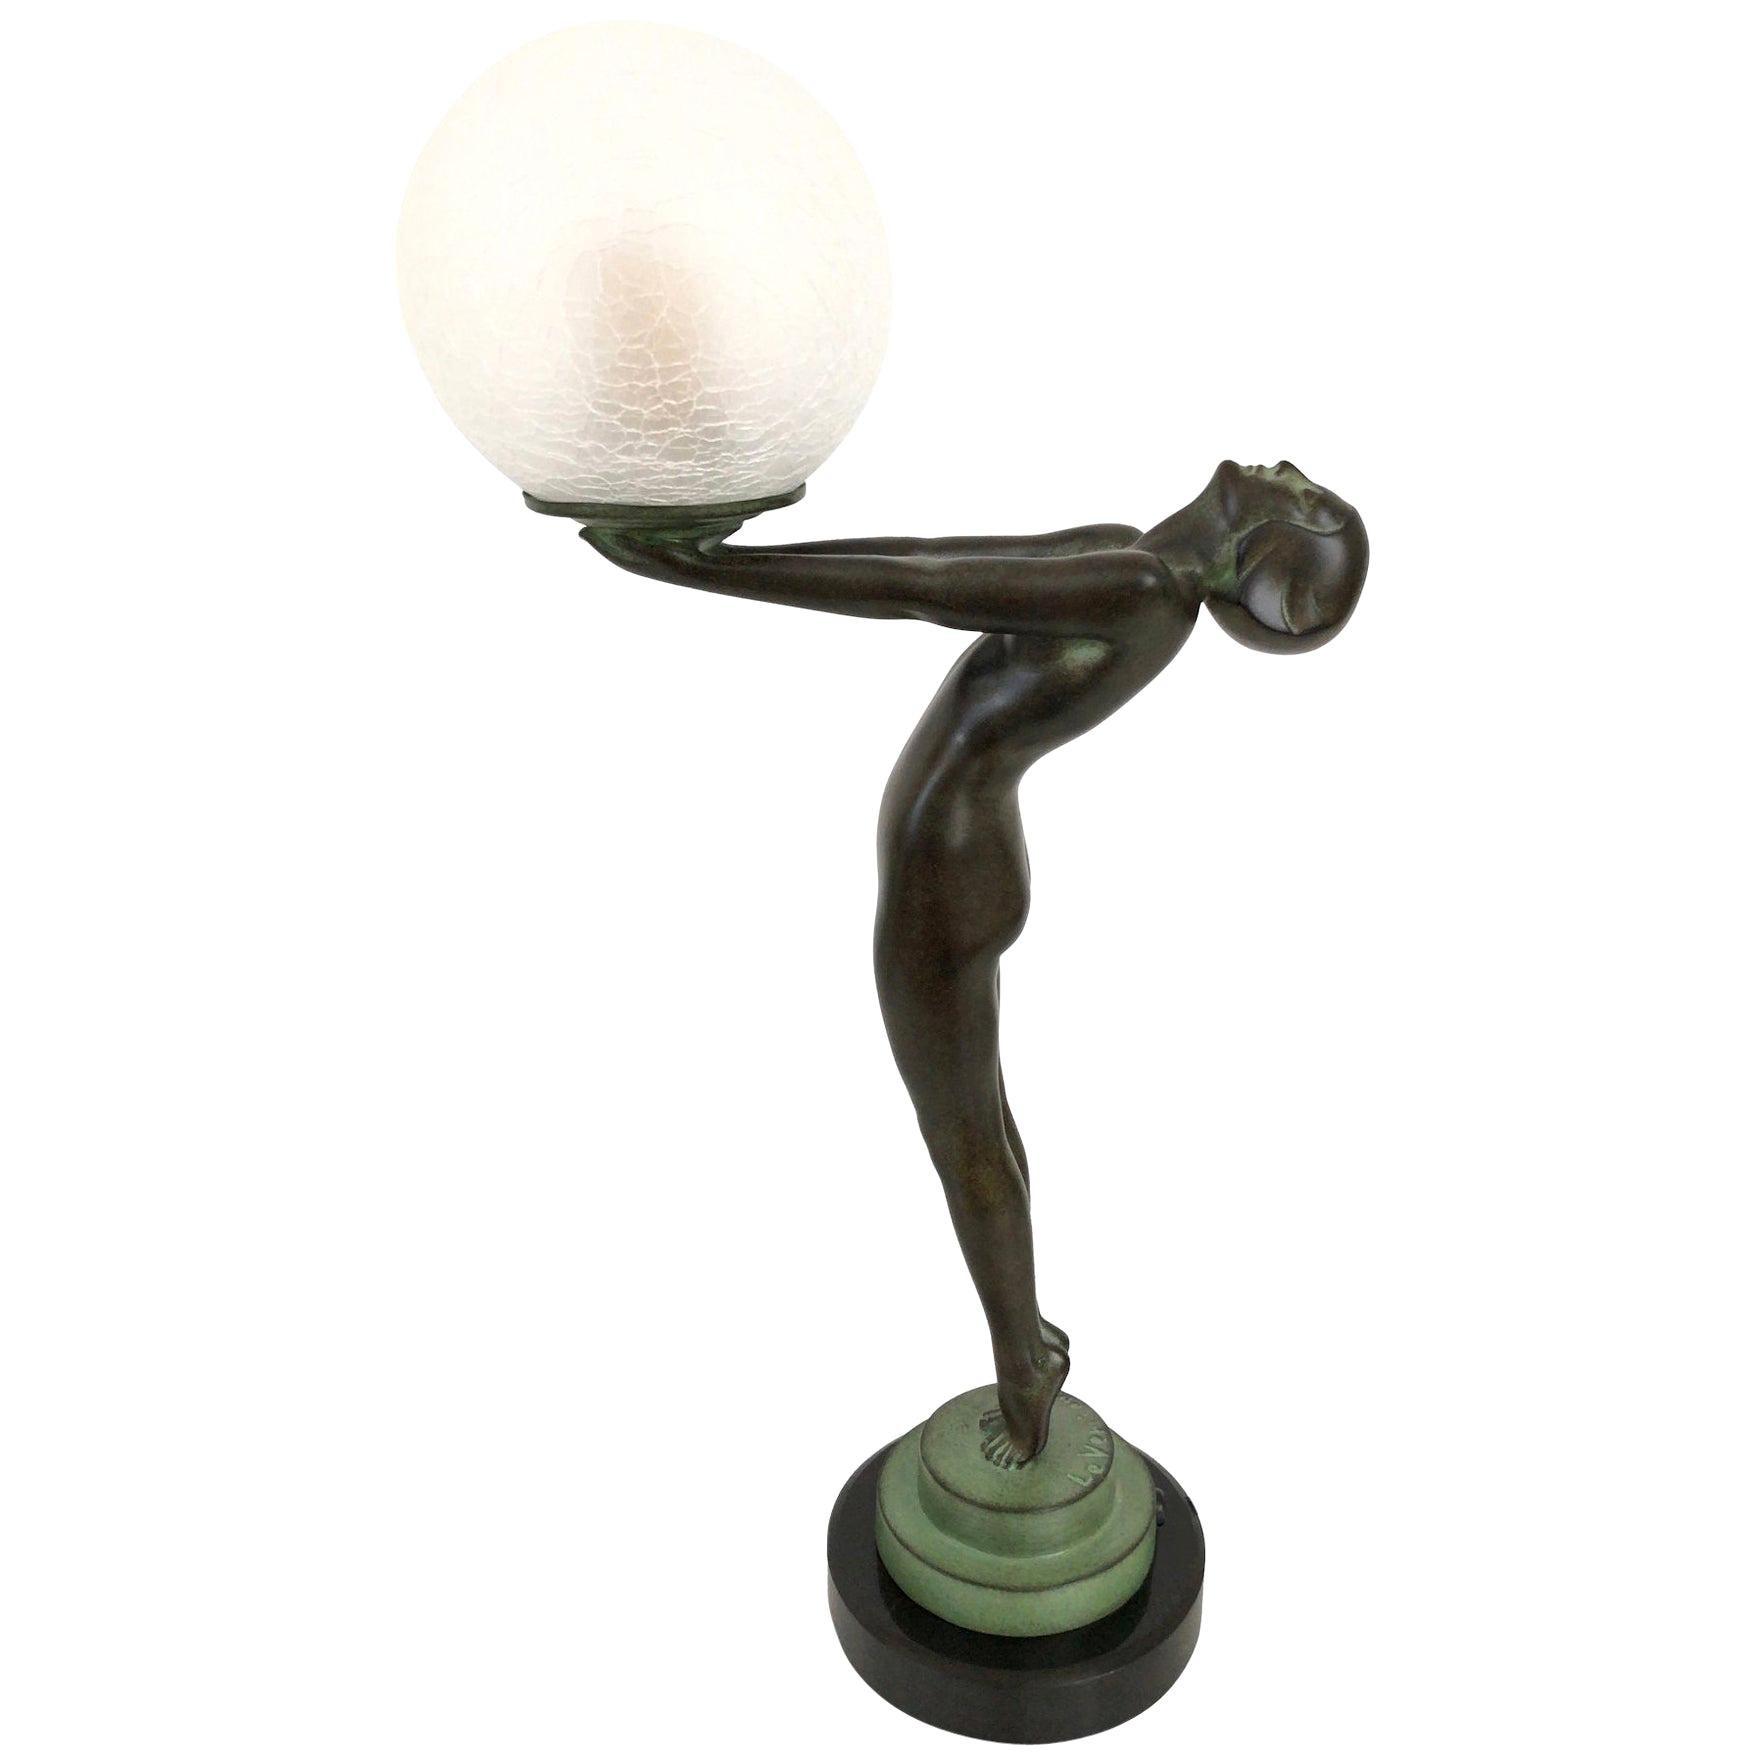 Clarté Sculpture Lueur Lamp from the Important Art Deco Artist Max Le Verrier